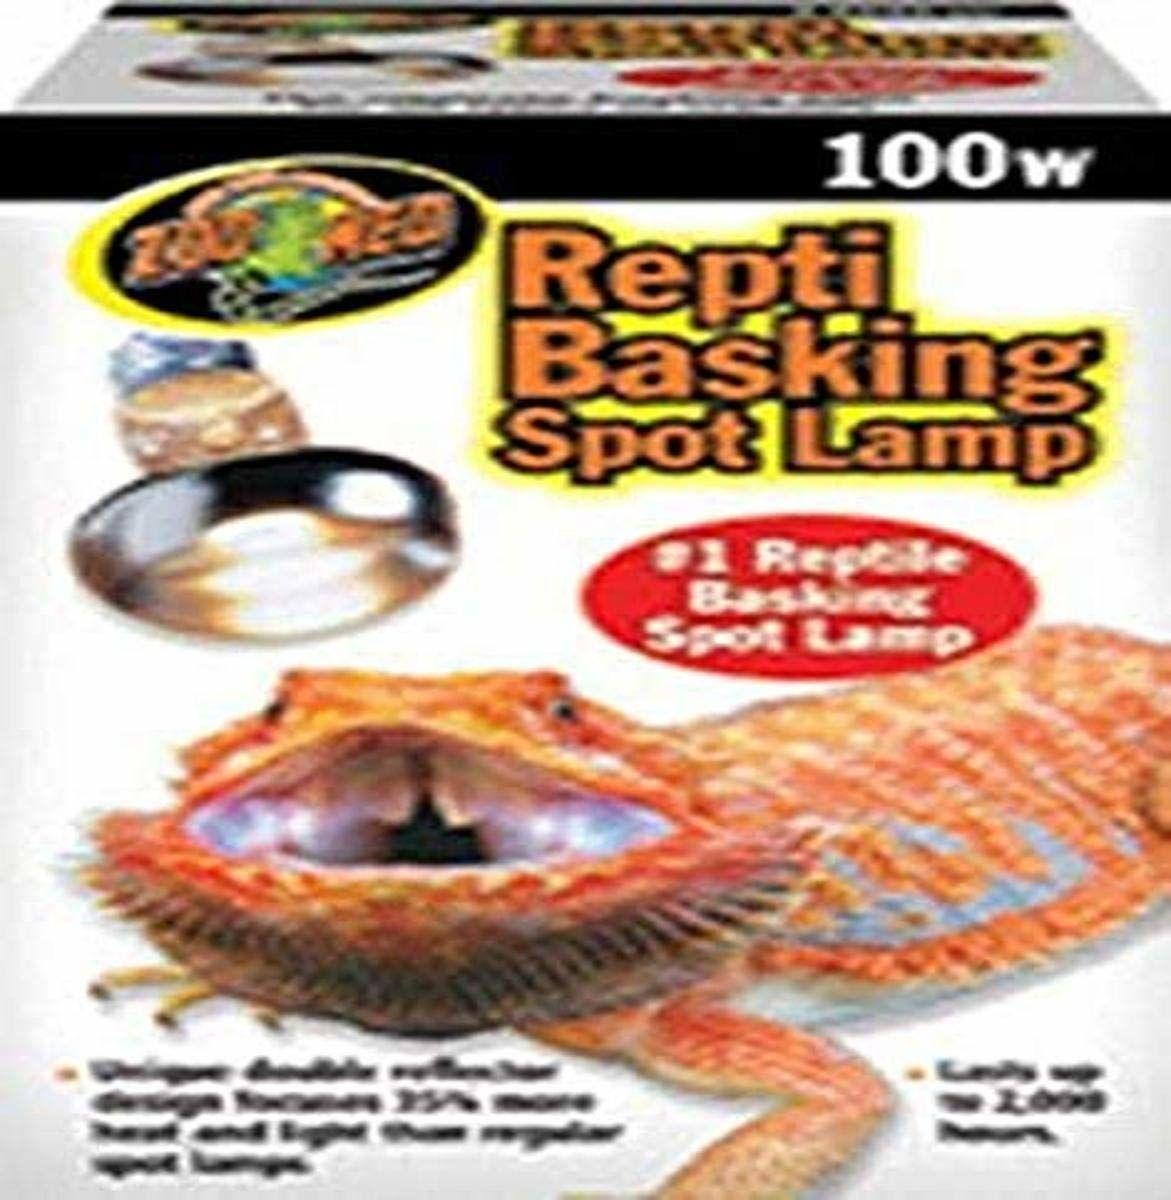 Zoo Med SL-100E Repti Basking Spot reflektor, 100 W, do ciepła i światła w terrarium